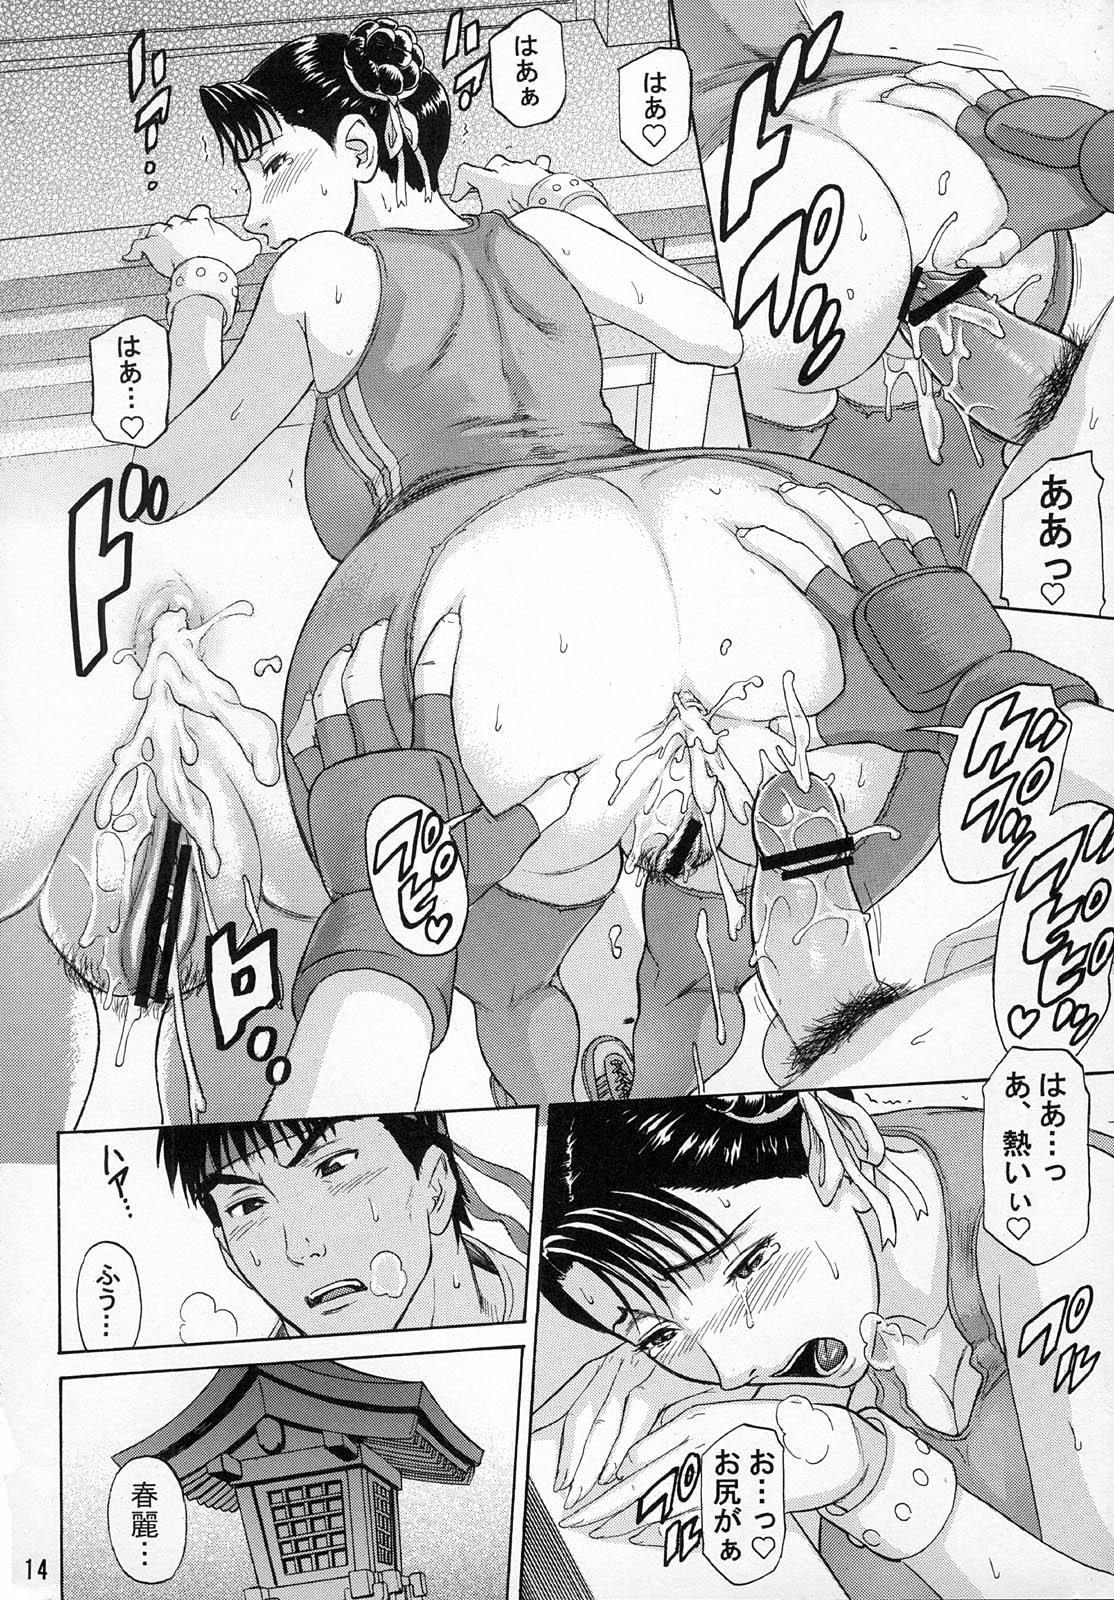 Ore Yori Tsuyoi Yatsu Ni I need you! 12